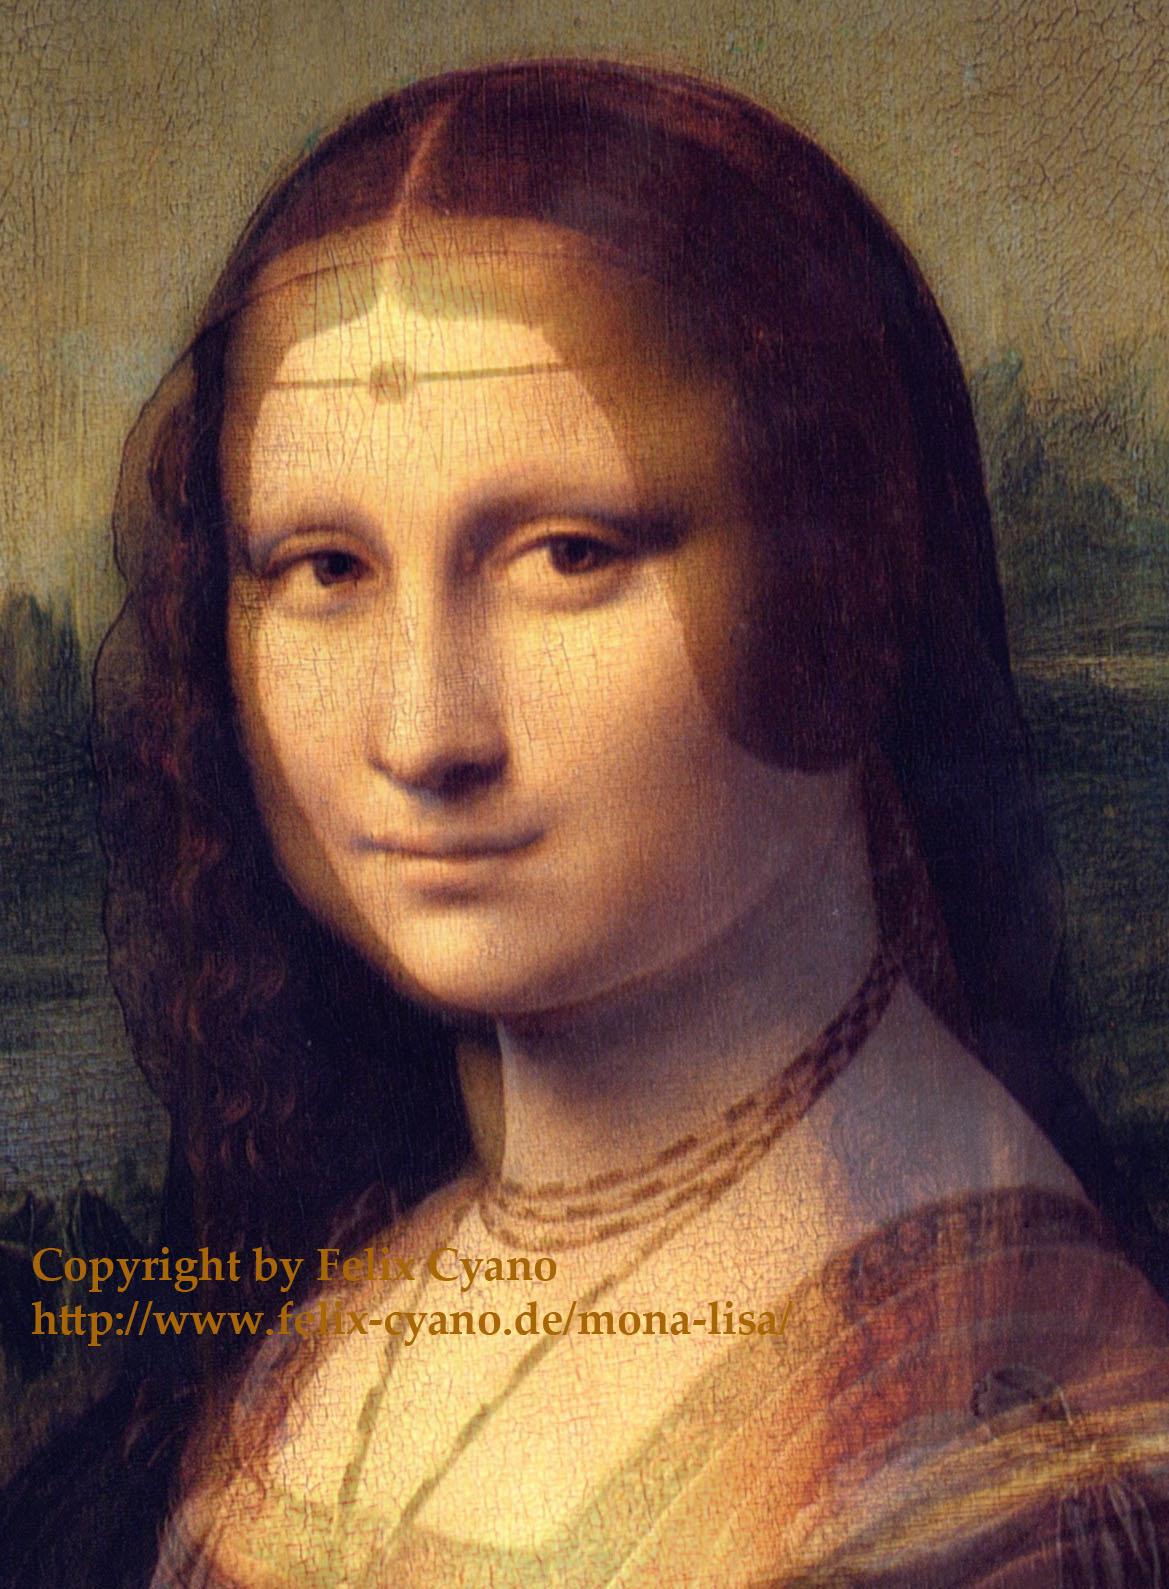 Vergleich der Augen von Leonardos La Belle und einem zweiten Gemälde, Mona Lisa. Es ist die gleiche Vorlage, nur beim zweiten Mal wurde das Porträt etwas rundlich und die Augen schwollen zu.